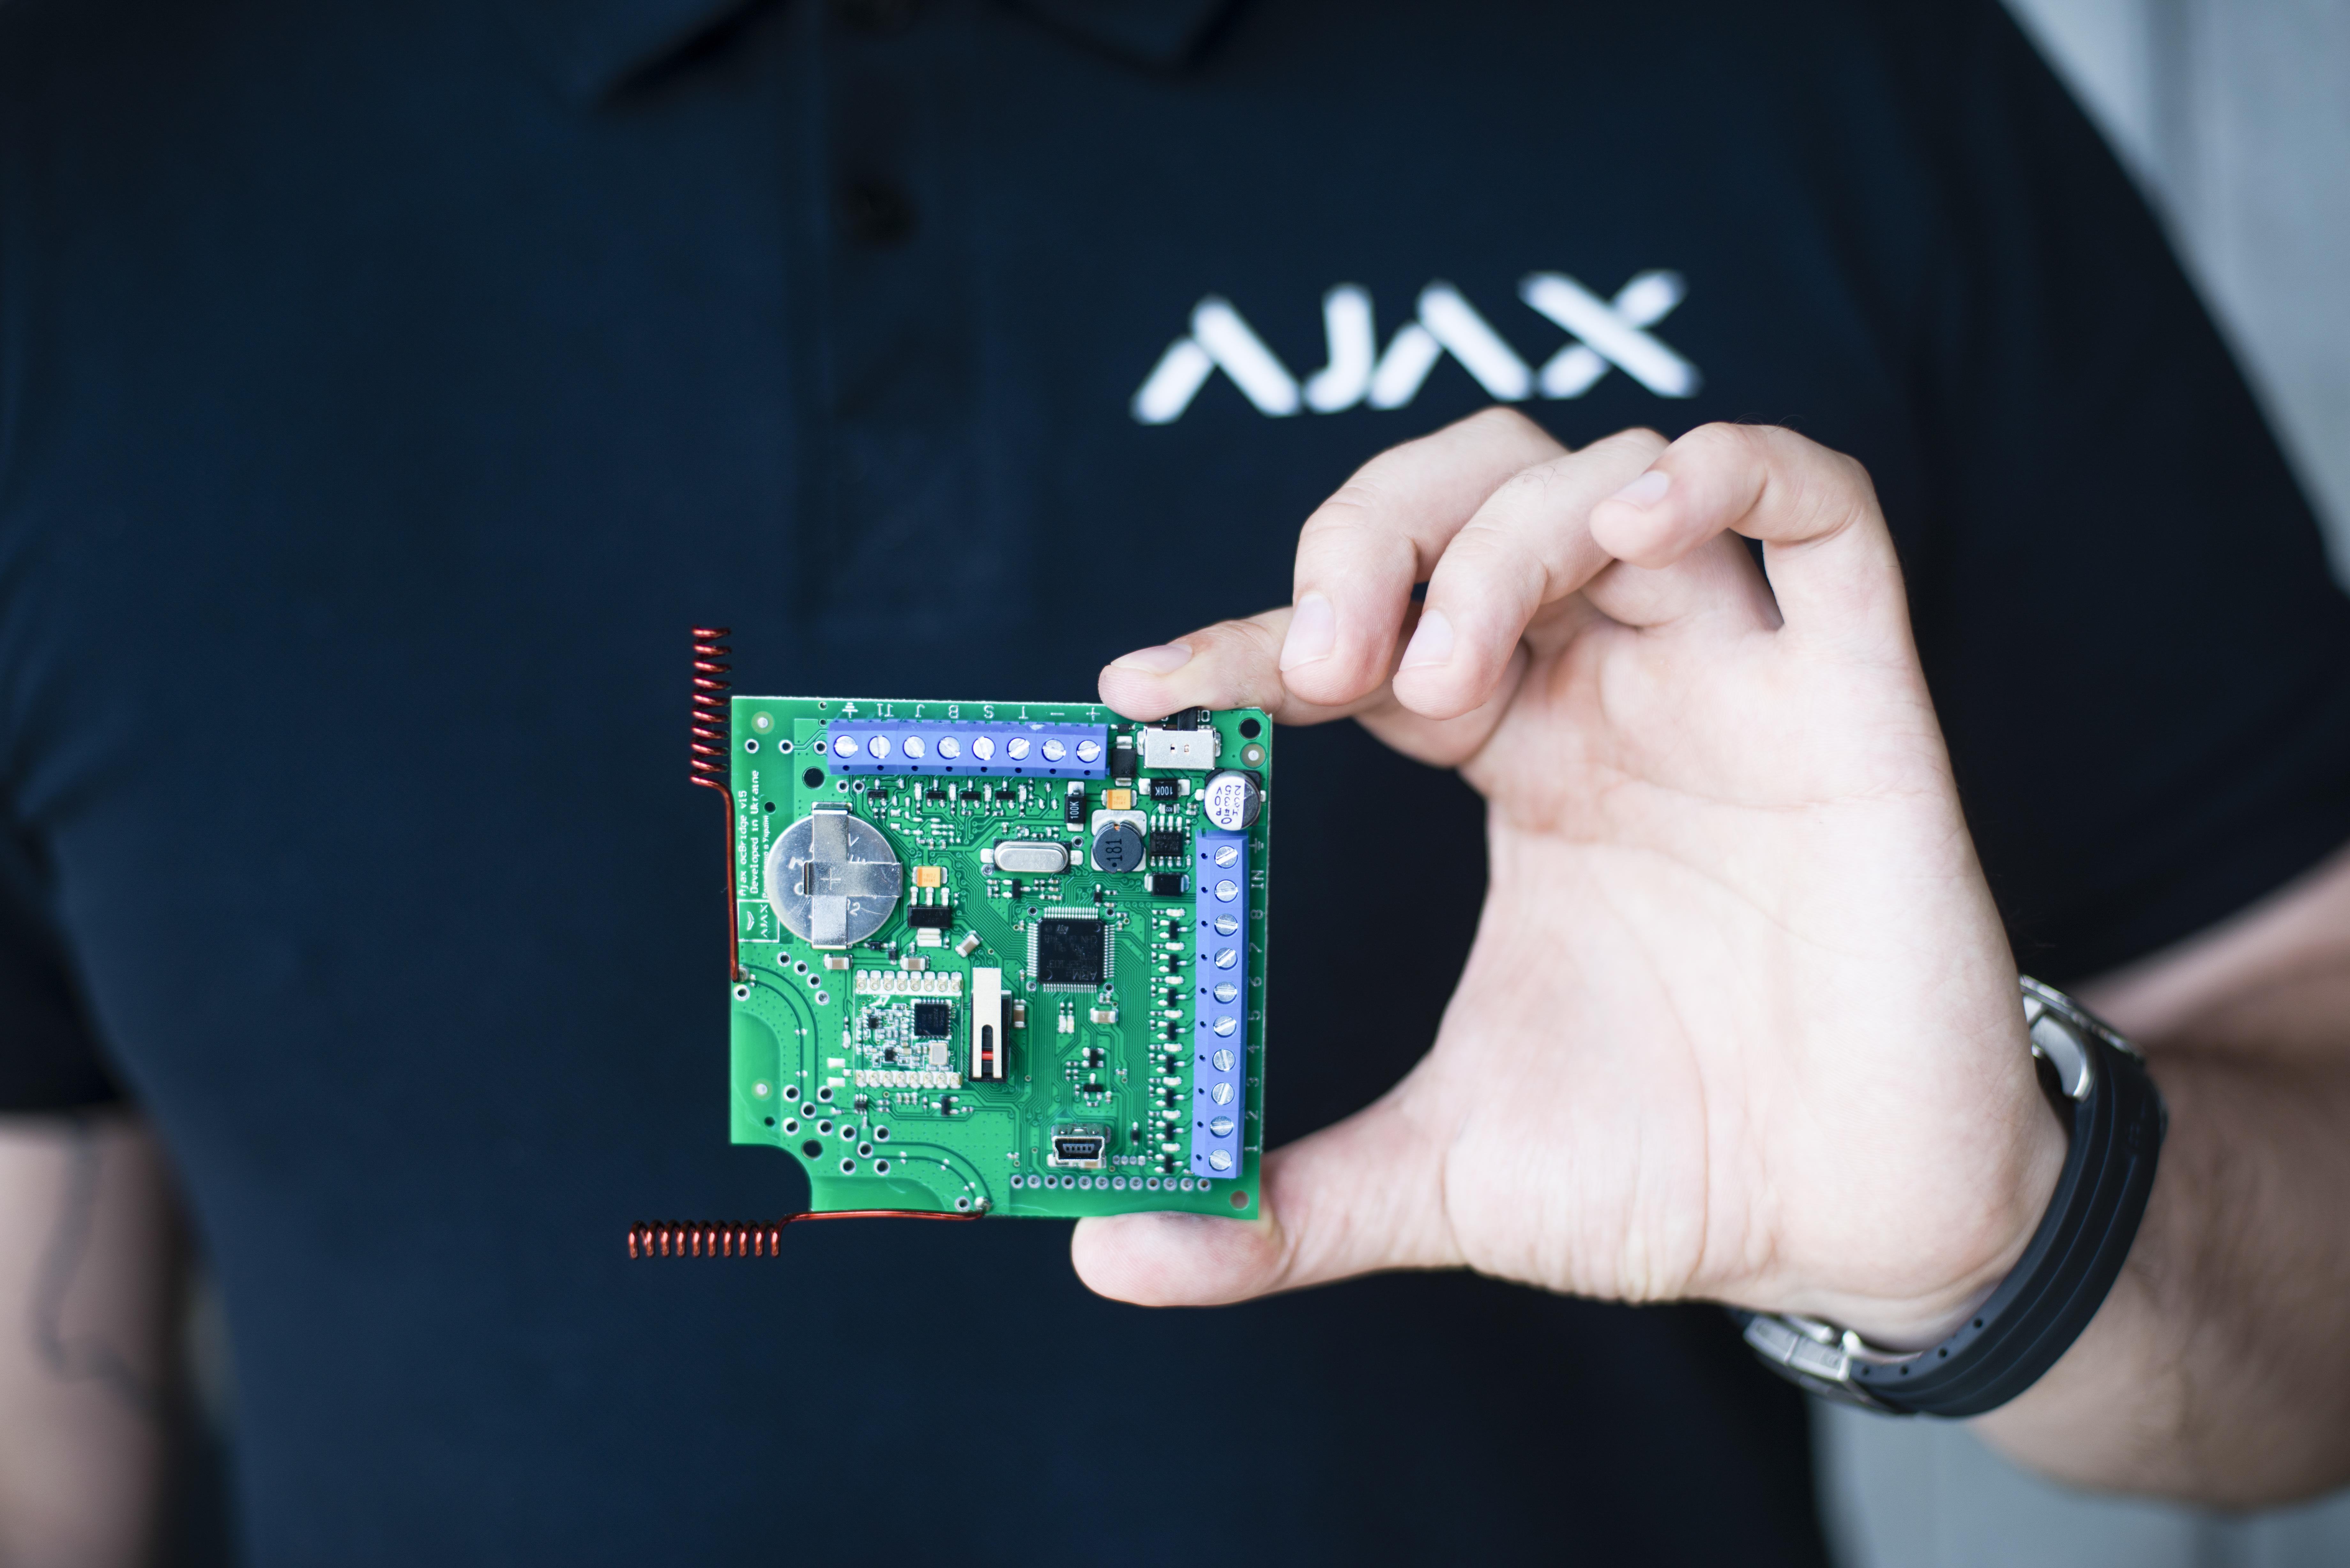 История успеха от Ajax Systems: как построить производство в Украине